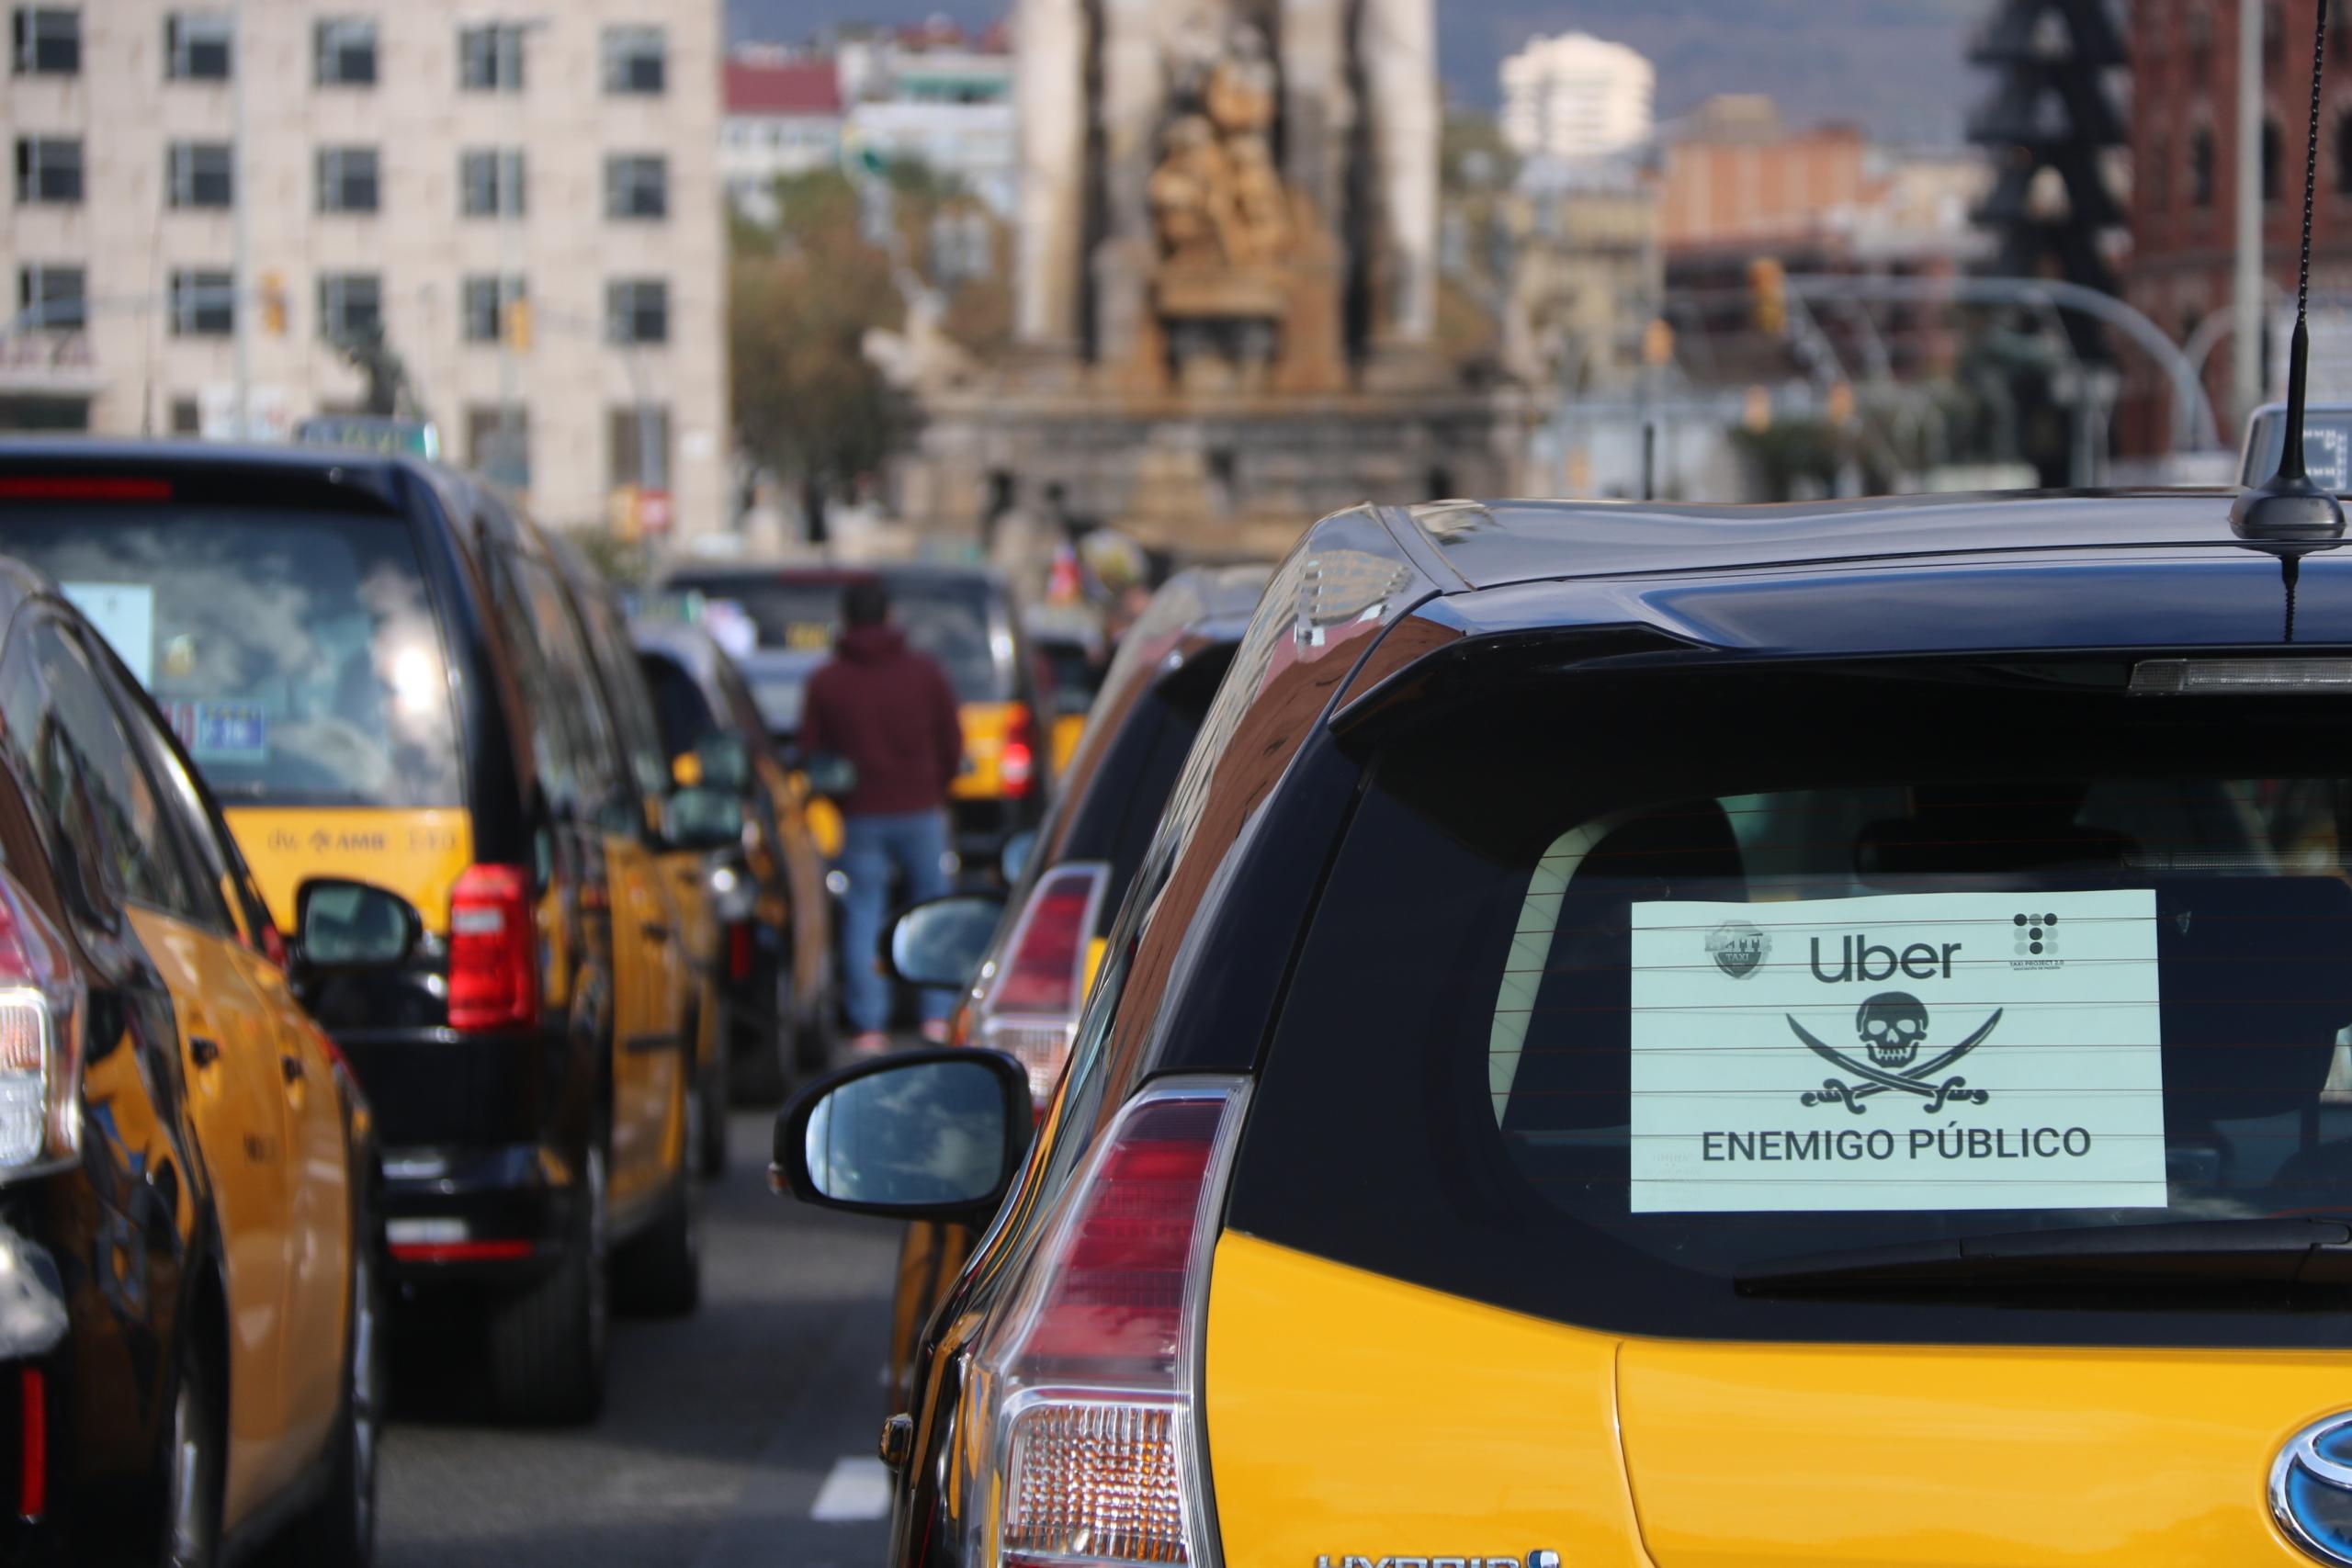 Un taxi amb un cartell on es pot llegir